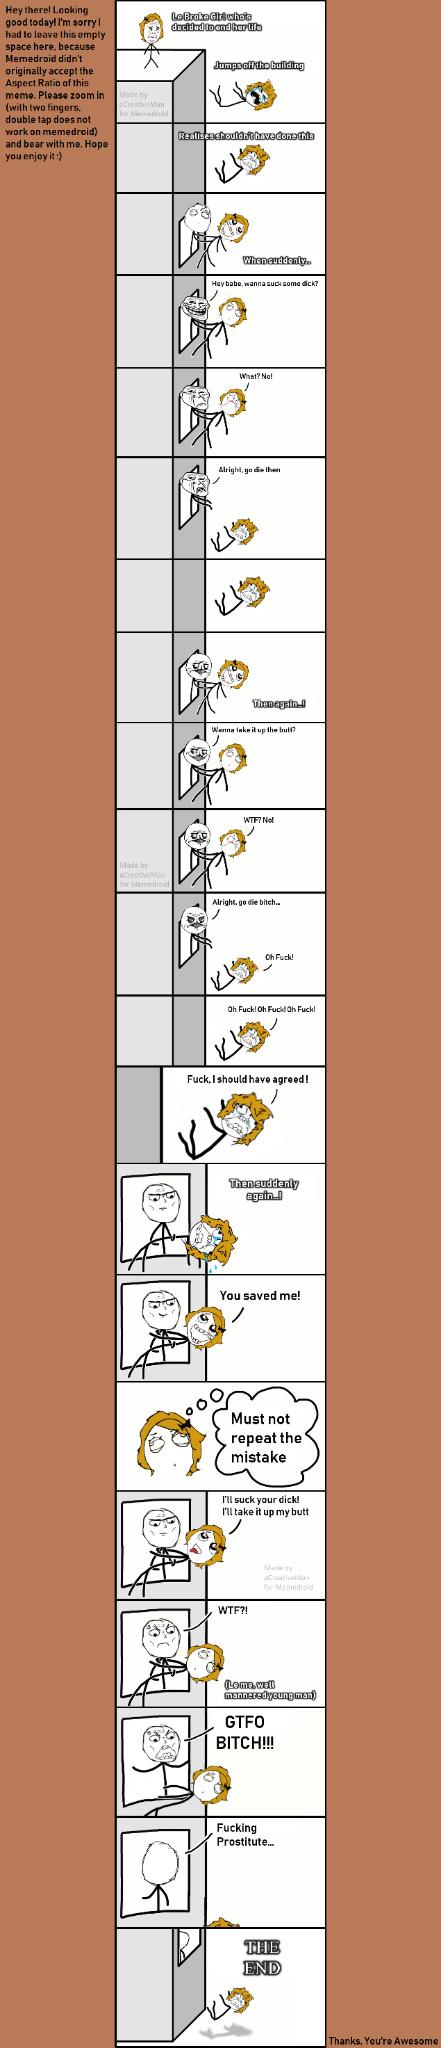 Rage Comic - meme